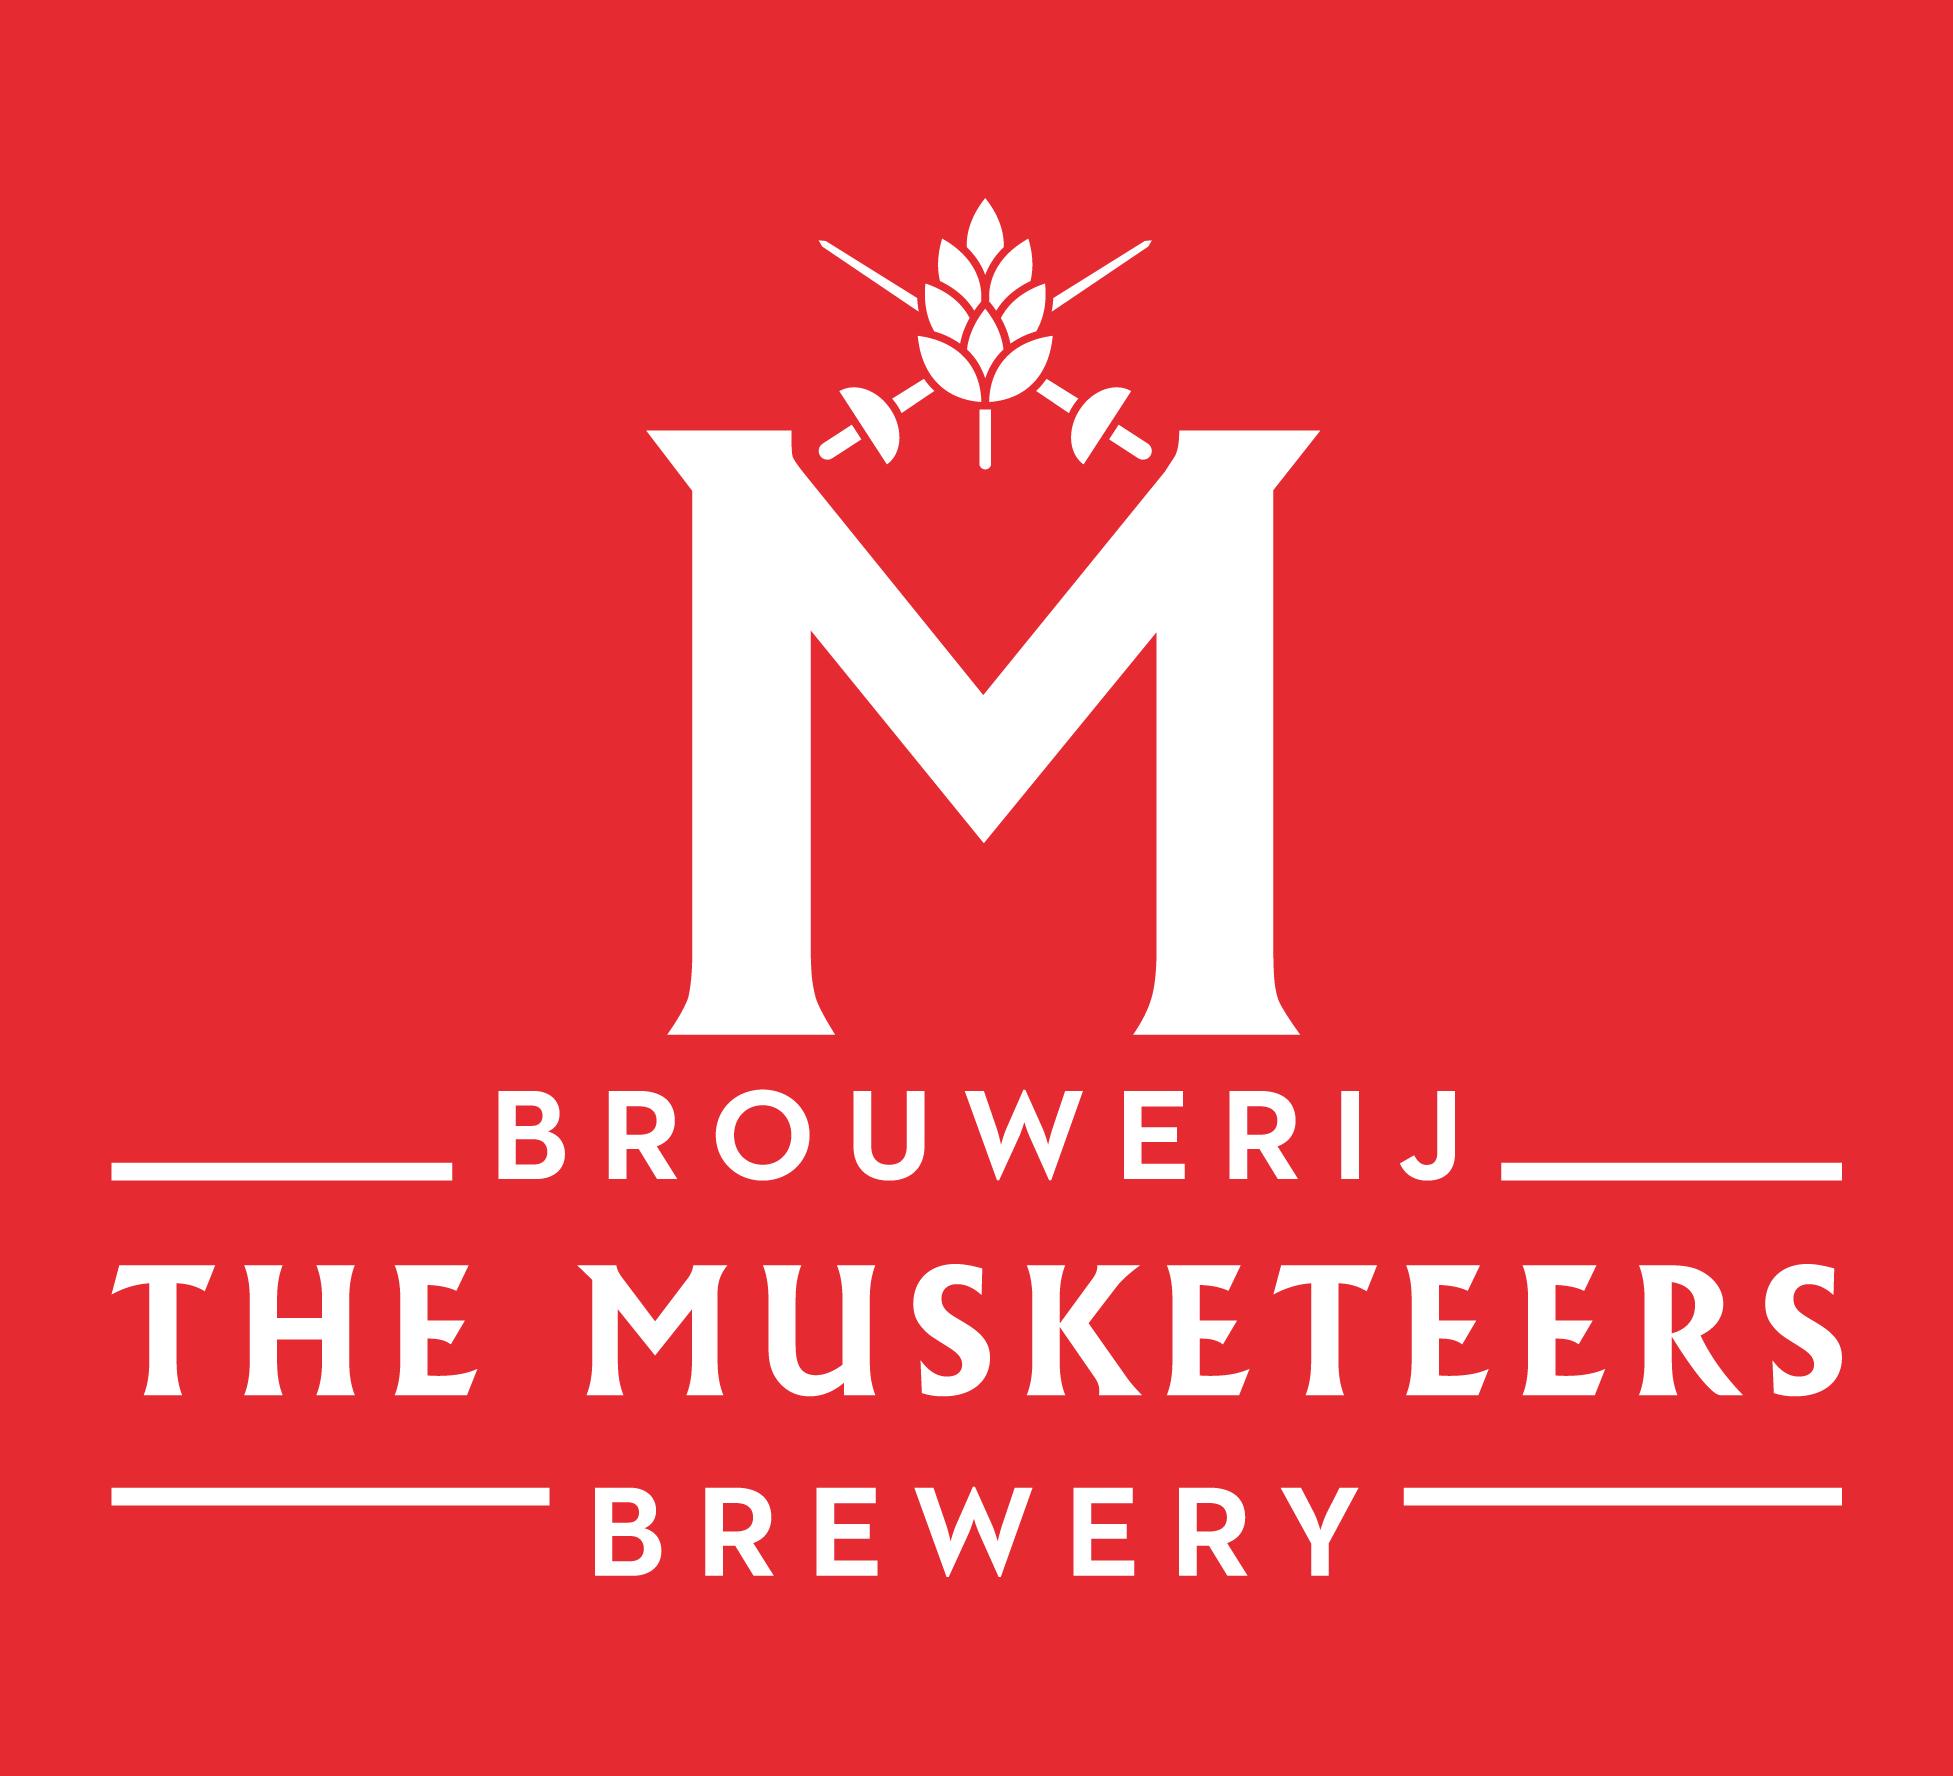 Brouwerij The Musketeers